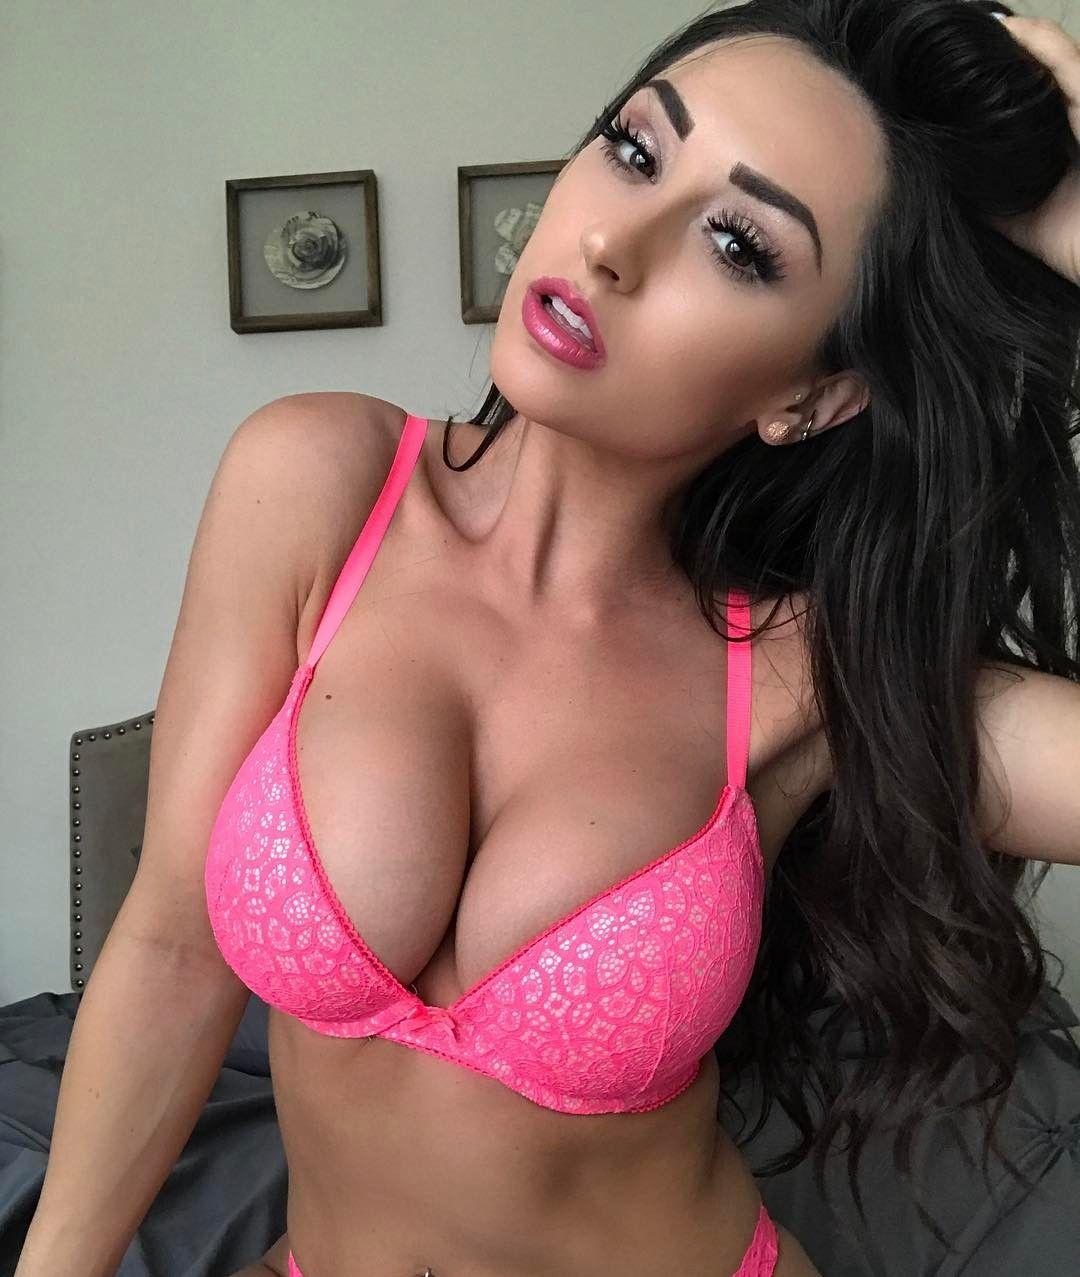 Brunette slut show off body for webcam